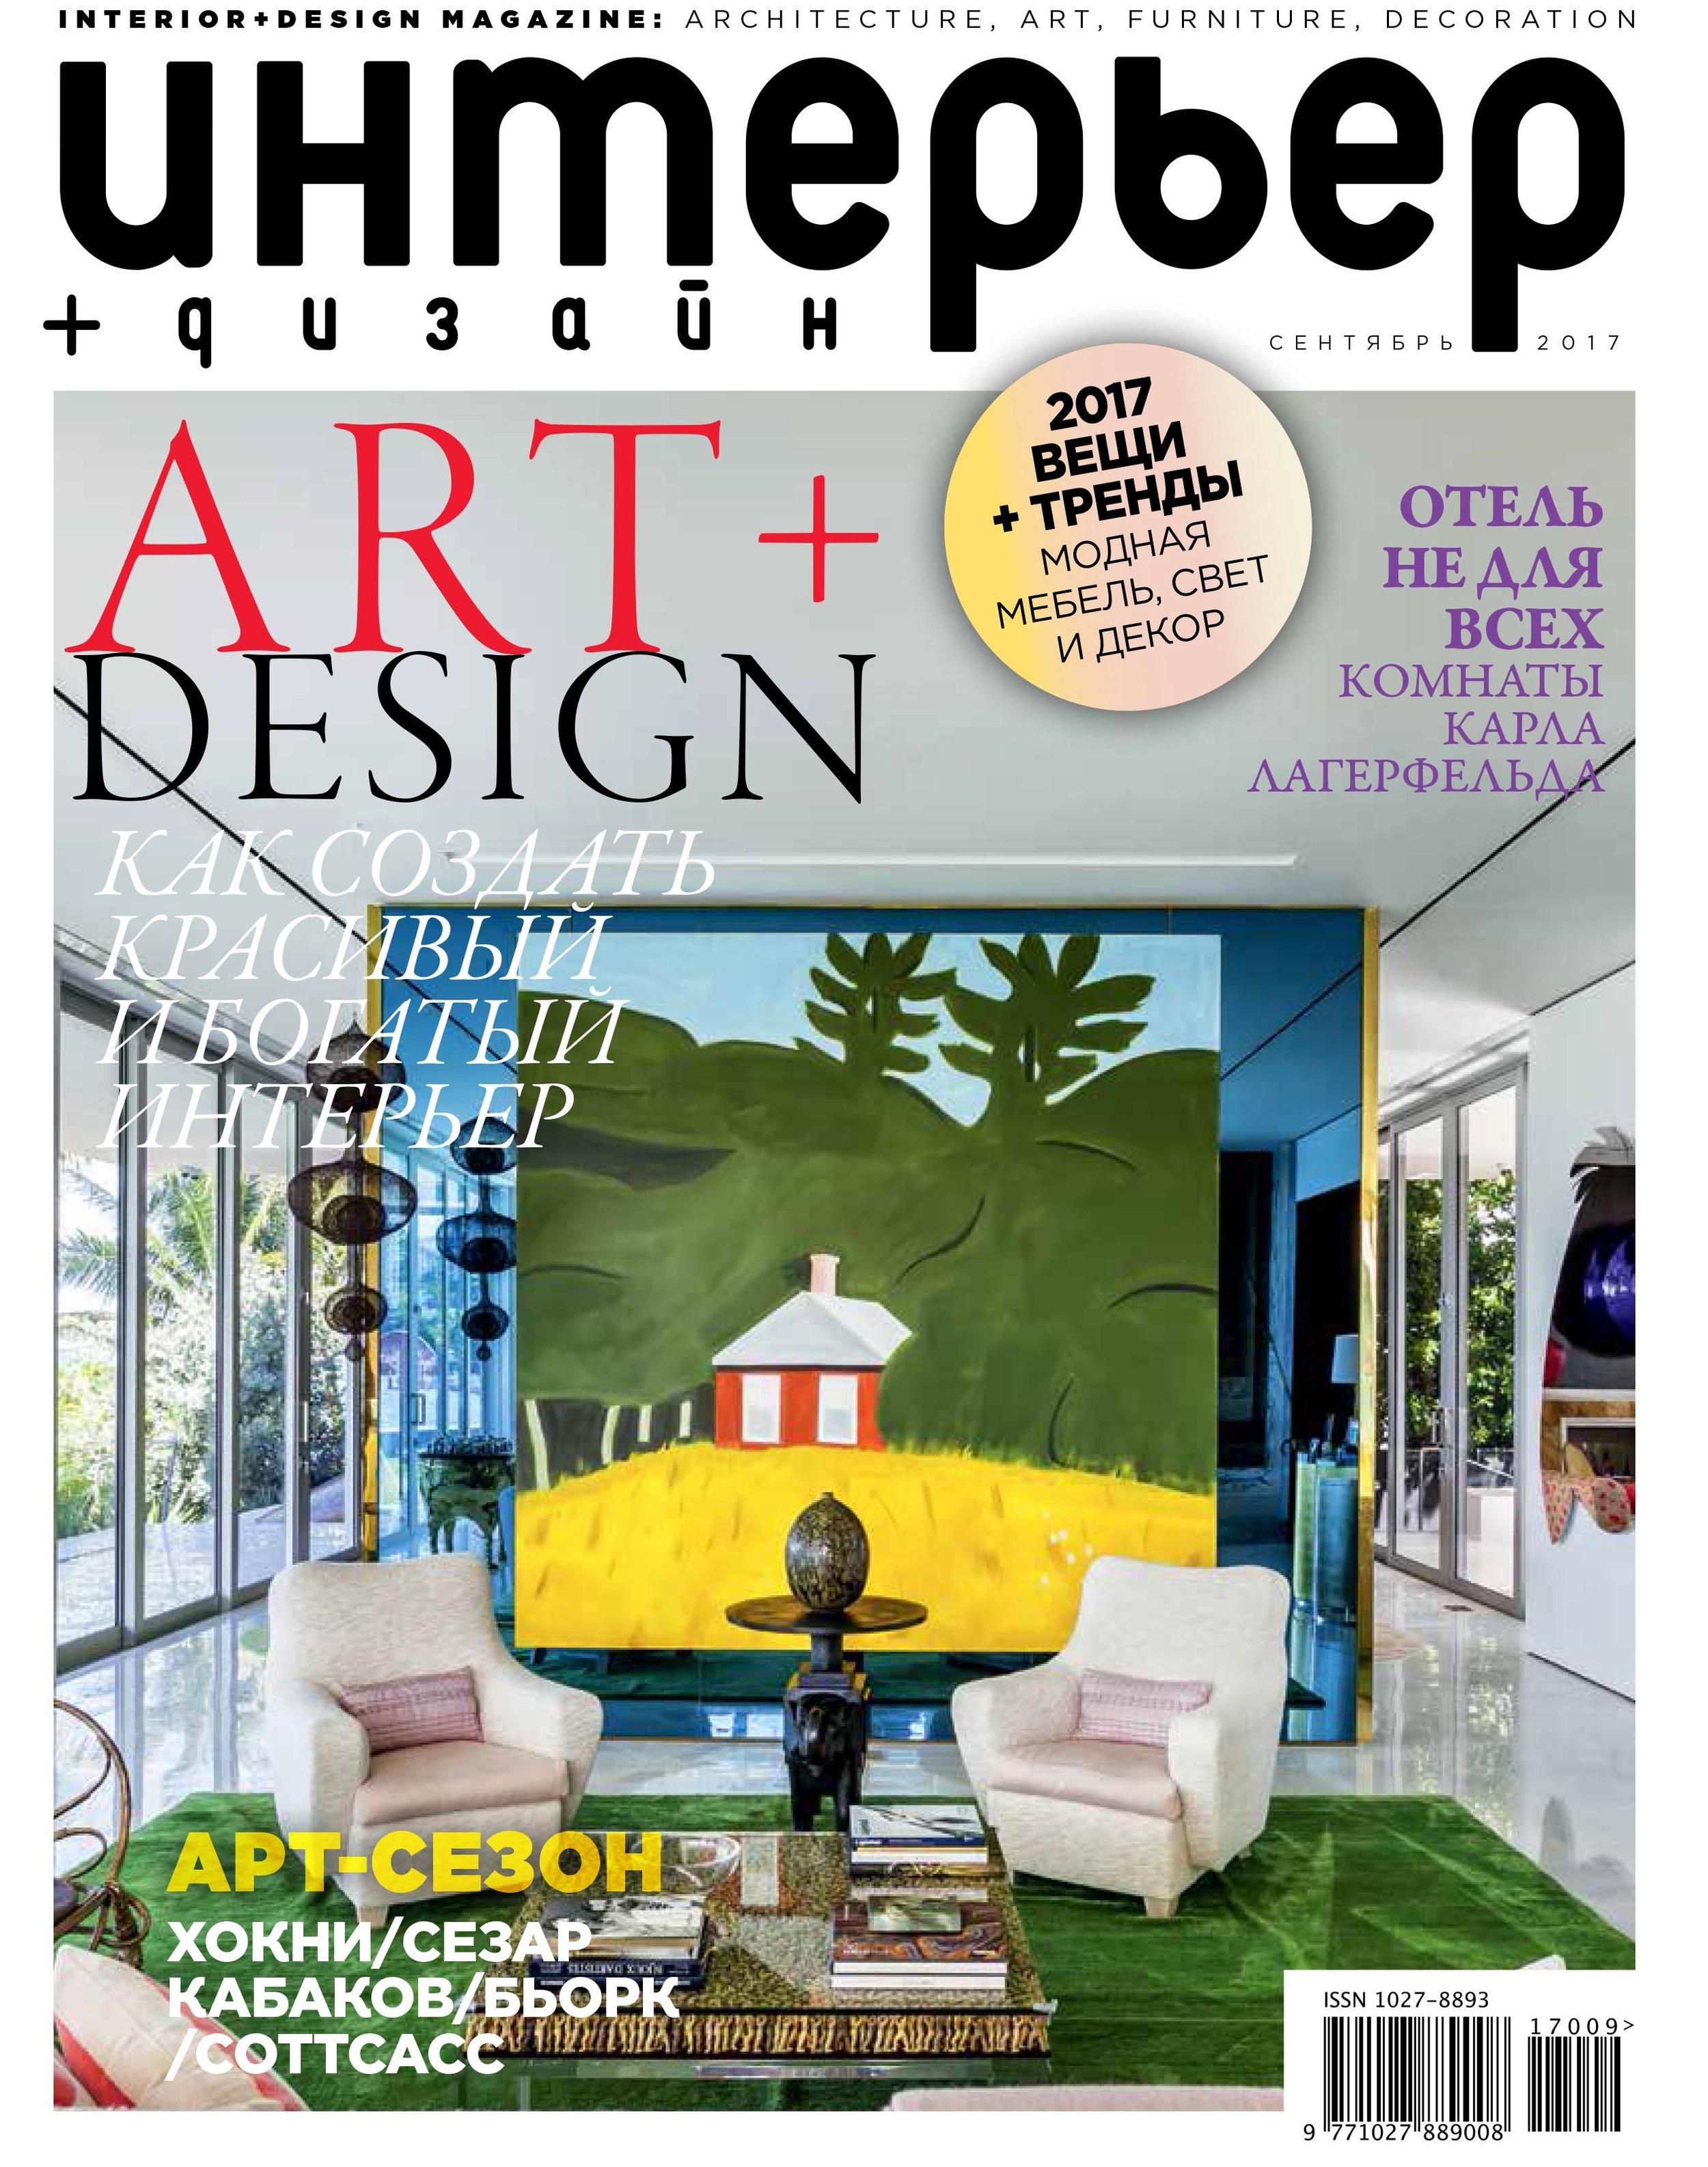 Cover Story, Счастье в Майами. Interior + Design Russia, September 2017        MORE >>